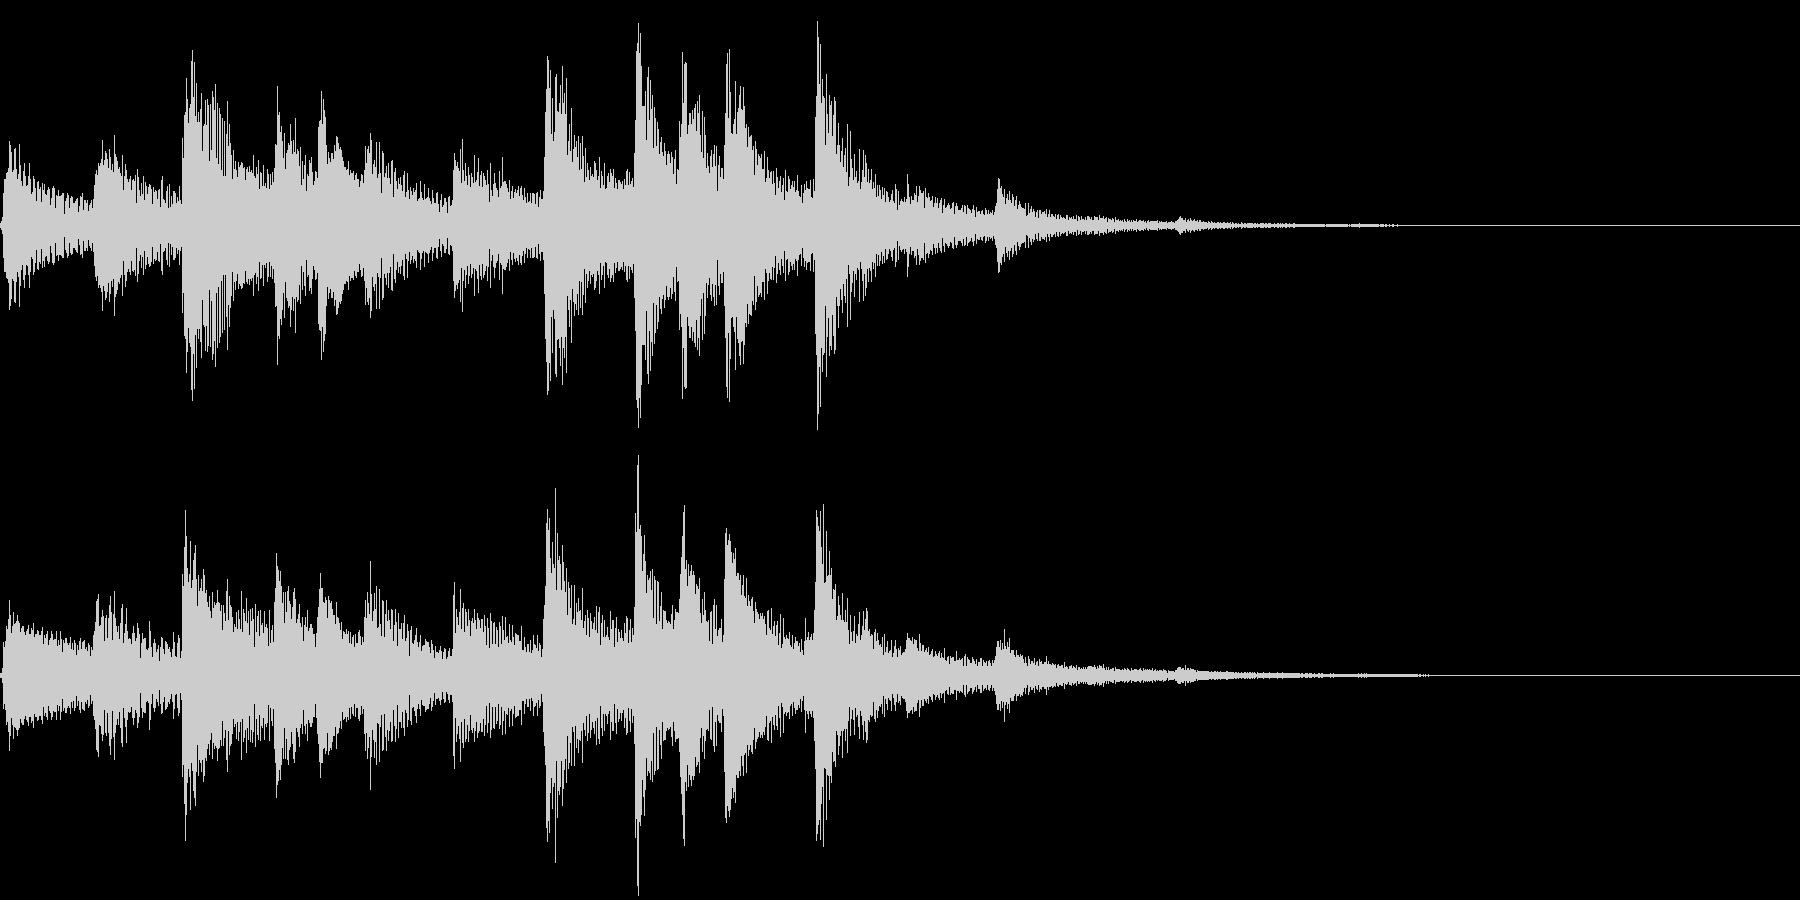 琴の和風ジングル4の未再生の波形